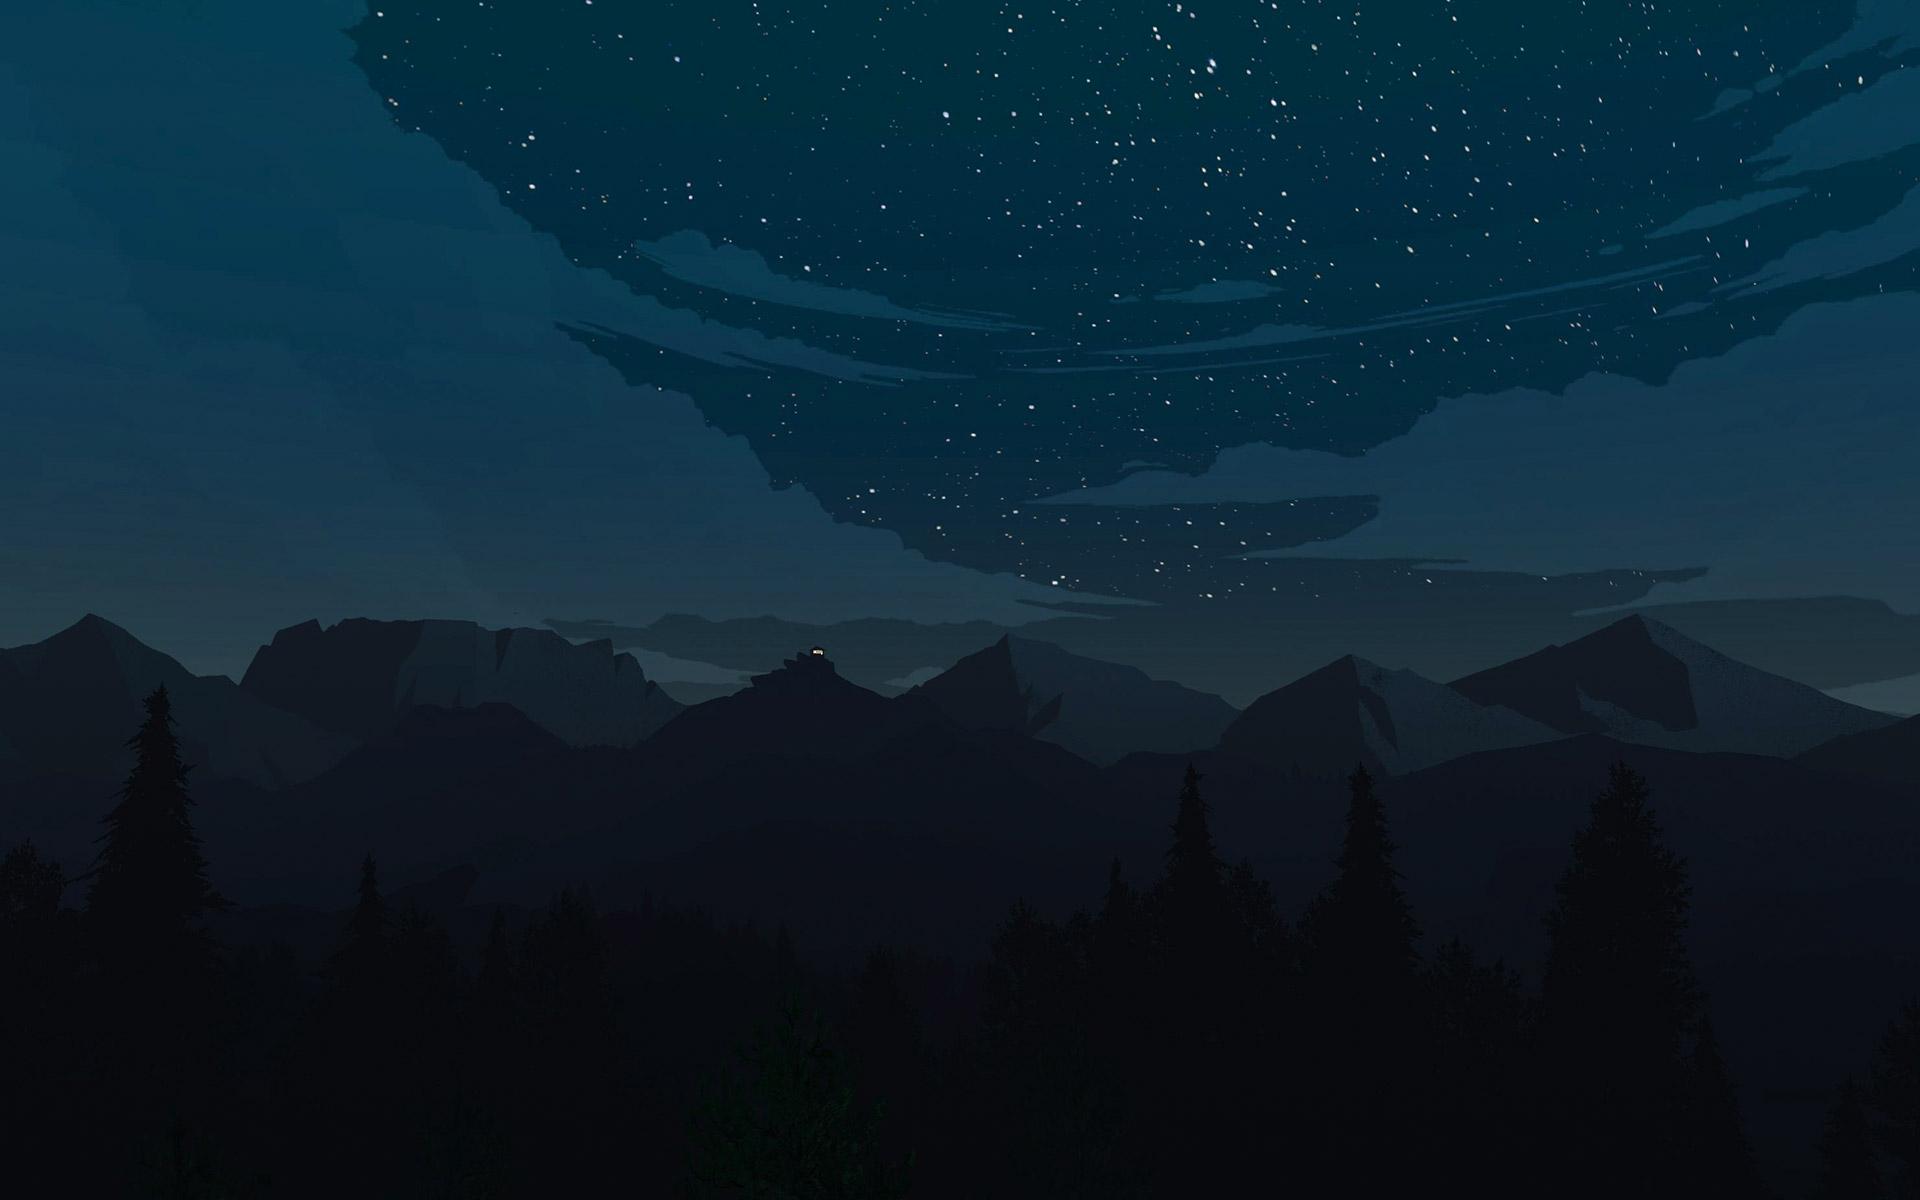 Firewatch Bridges Virtual, Real Worlds | Journal | Matt McLean